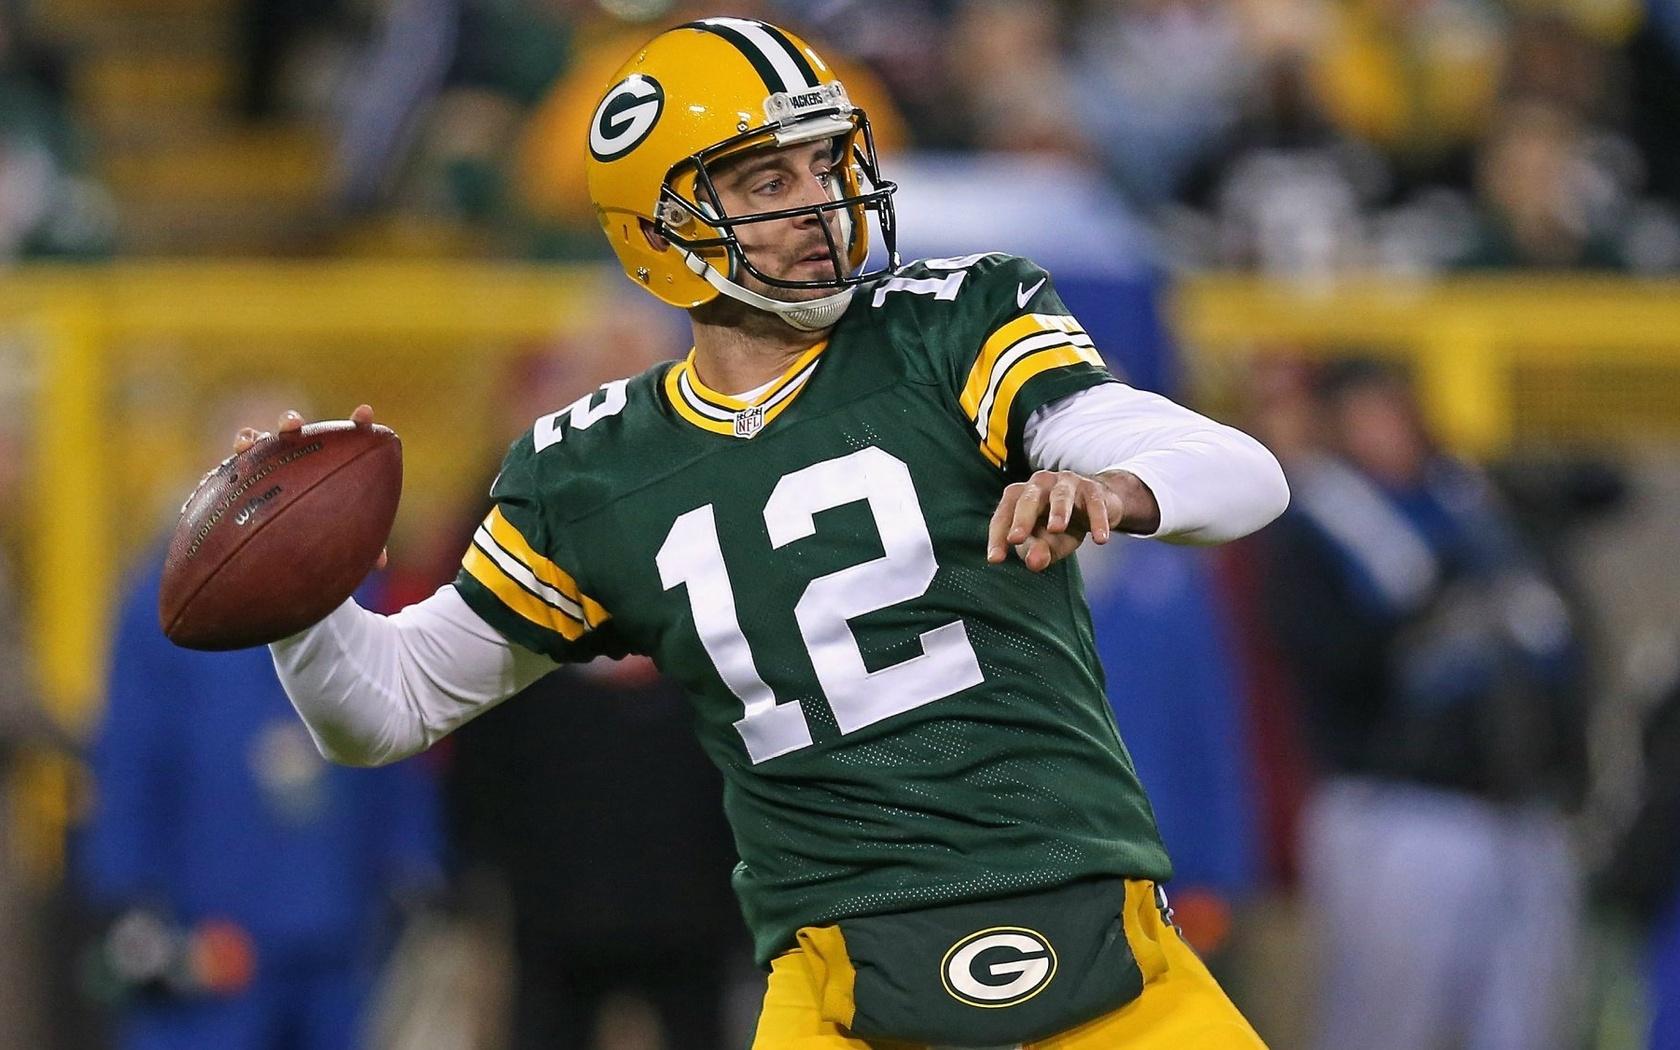 1680x1050 Football American Football Aaron Rodgers 1680x1050